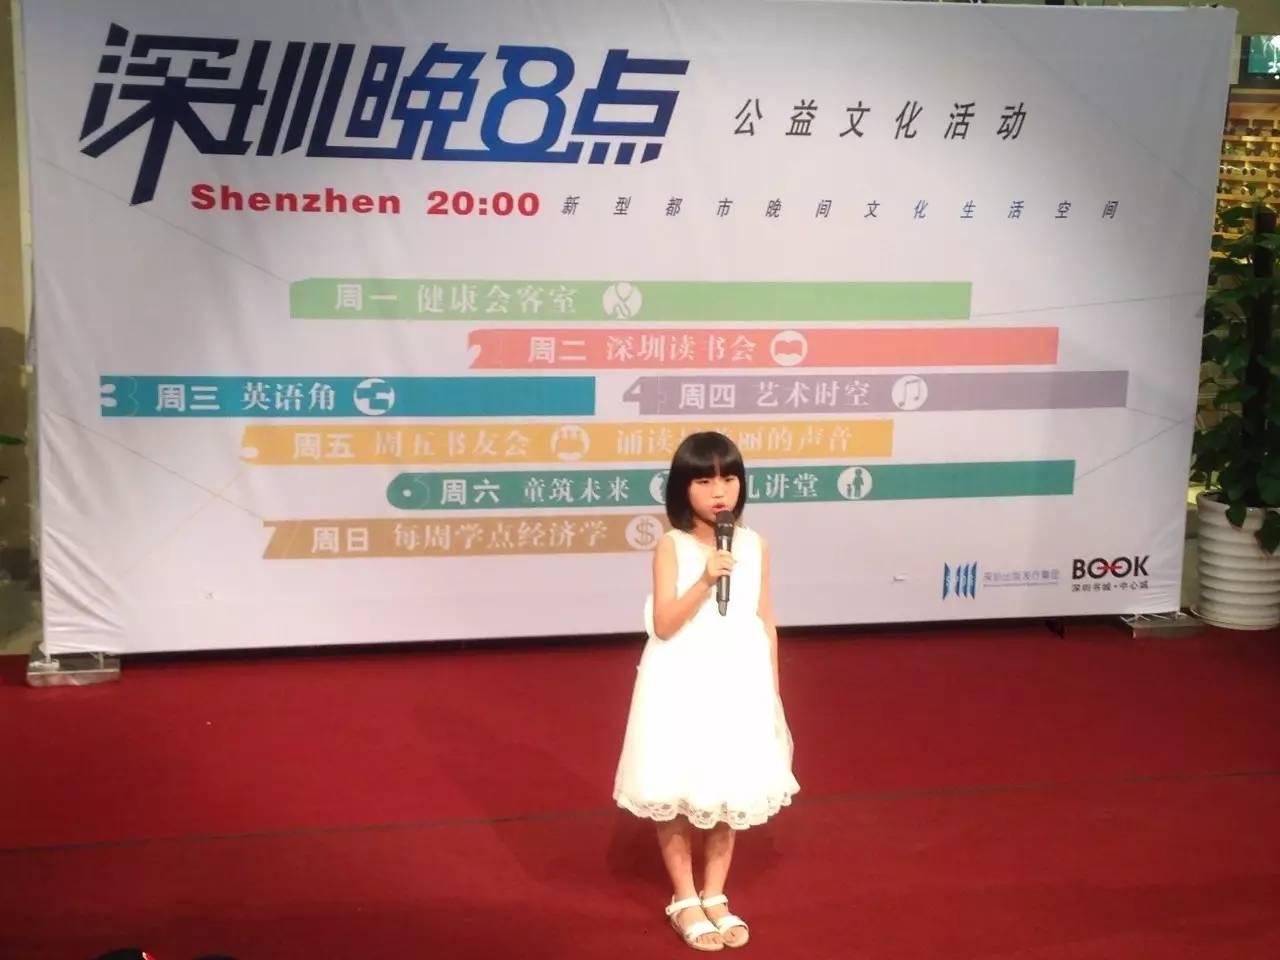 第二届深圳市小学生原创诗歌(小学)实验自杀手稿雅安大赛启动图片